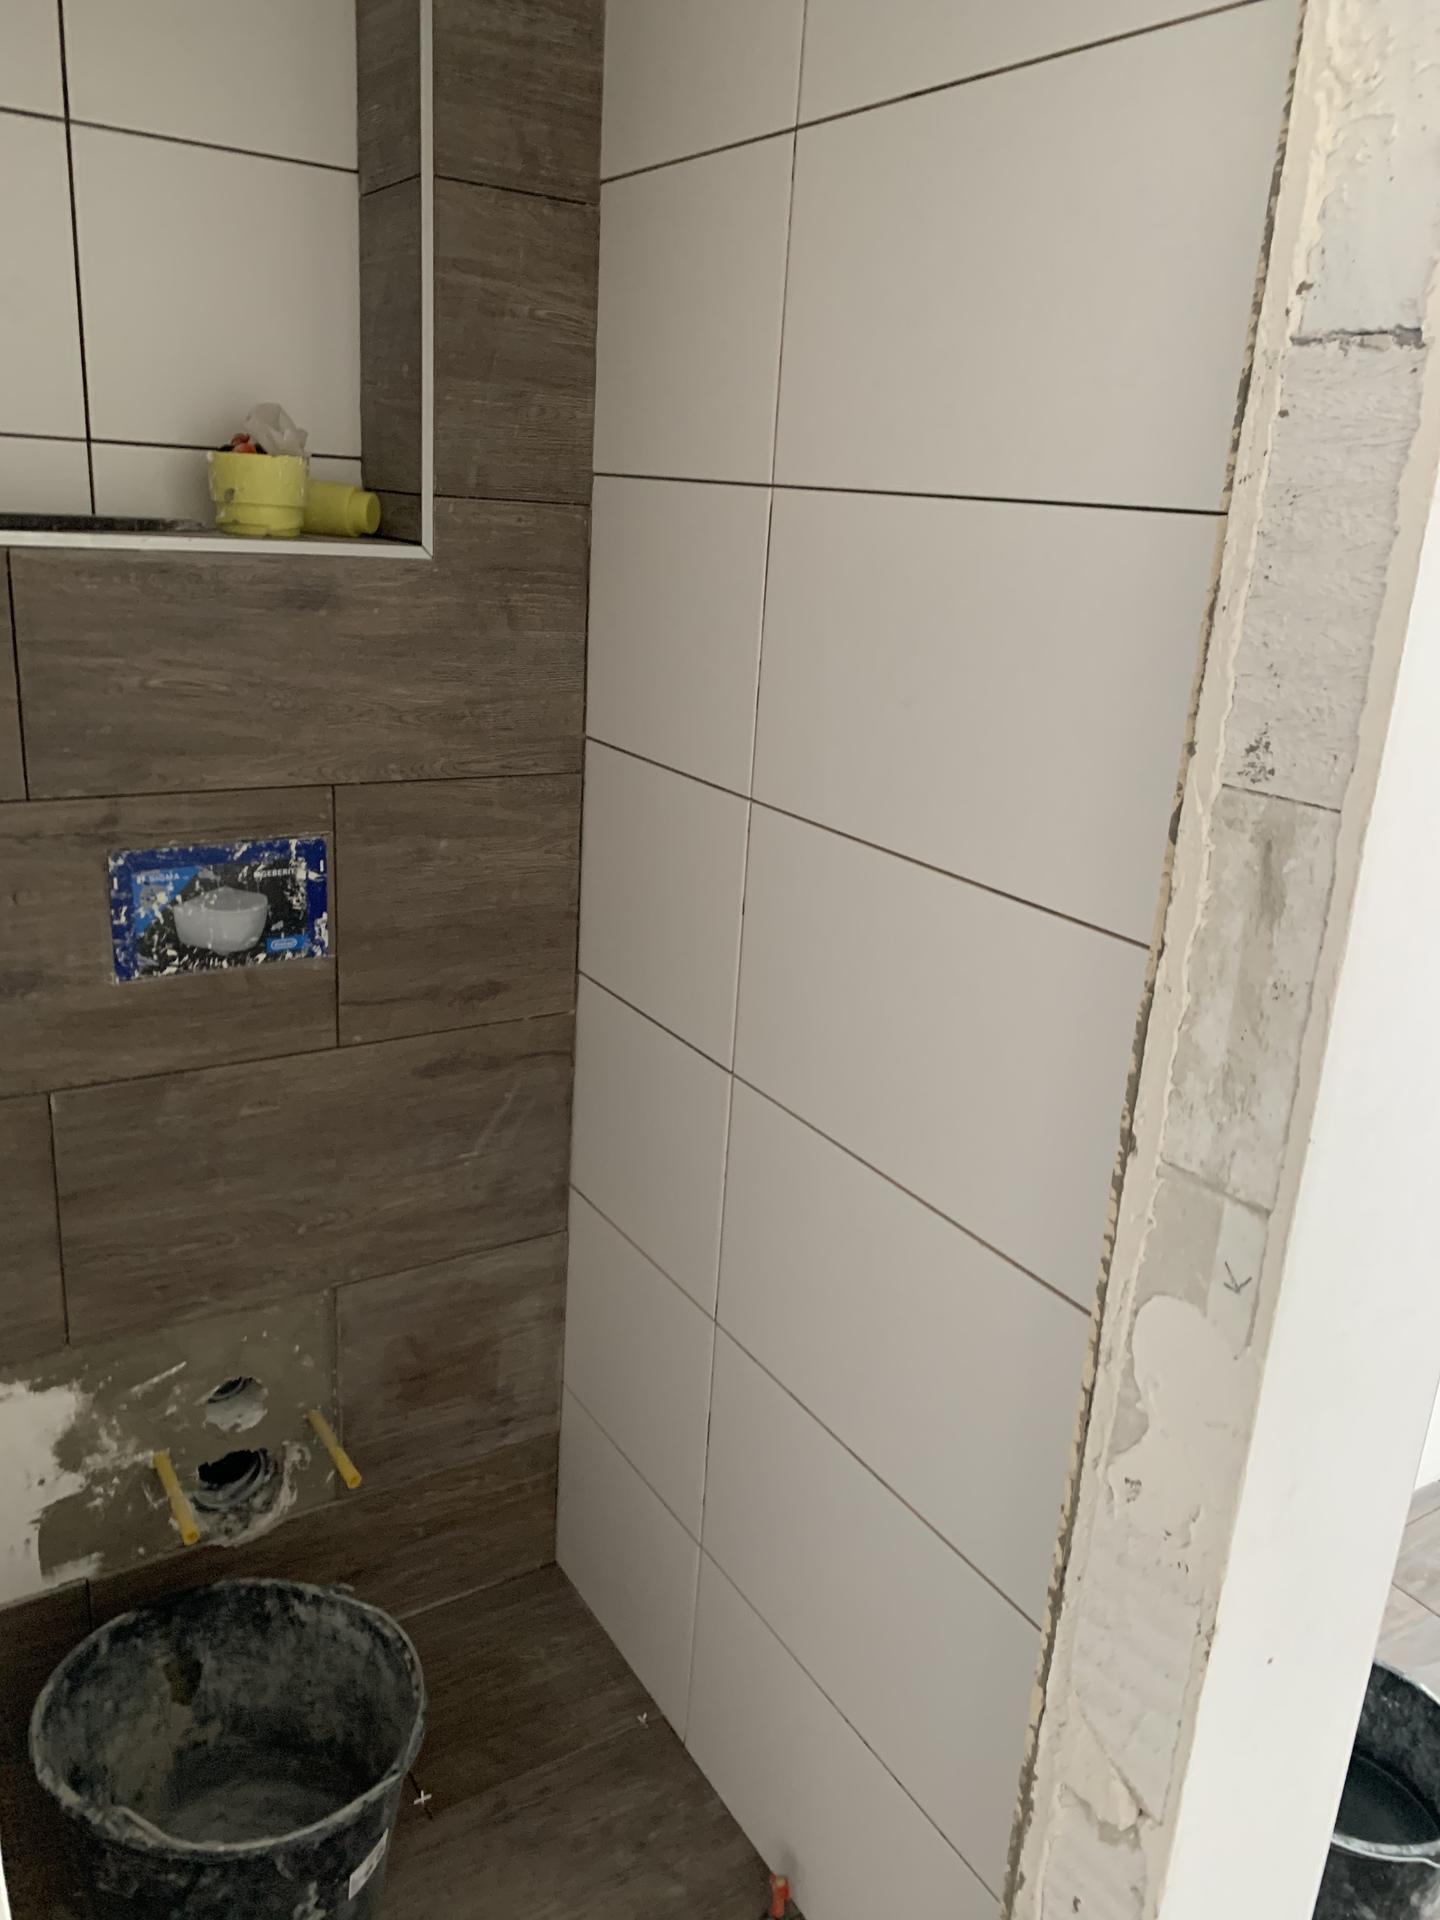 Wc a Koupelna s wc - Obrázek č. 6